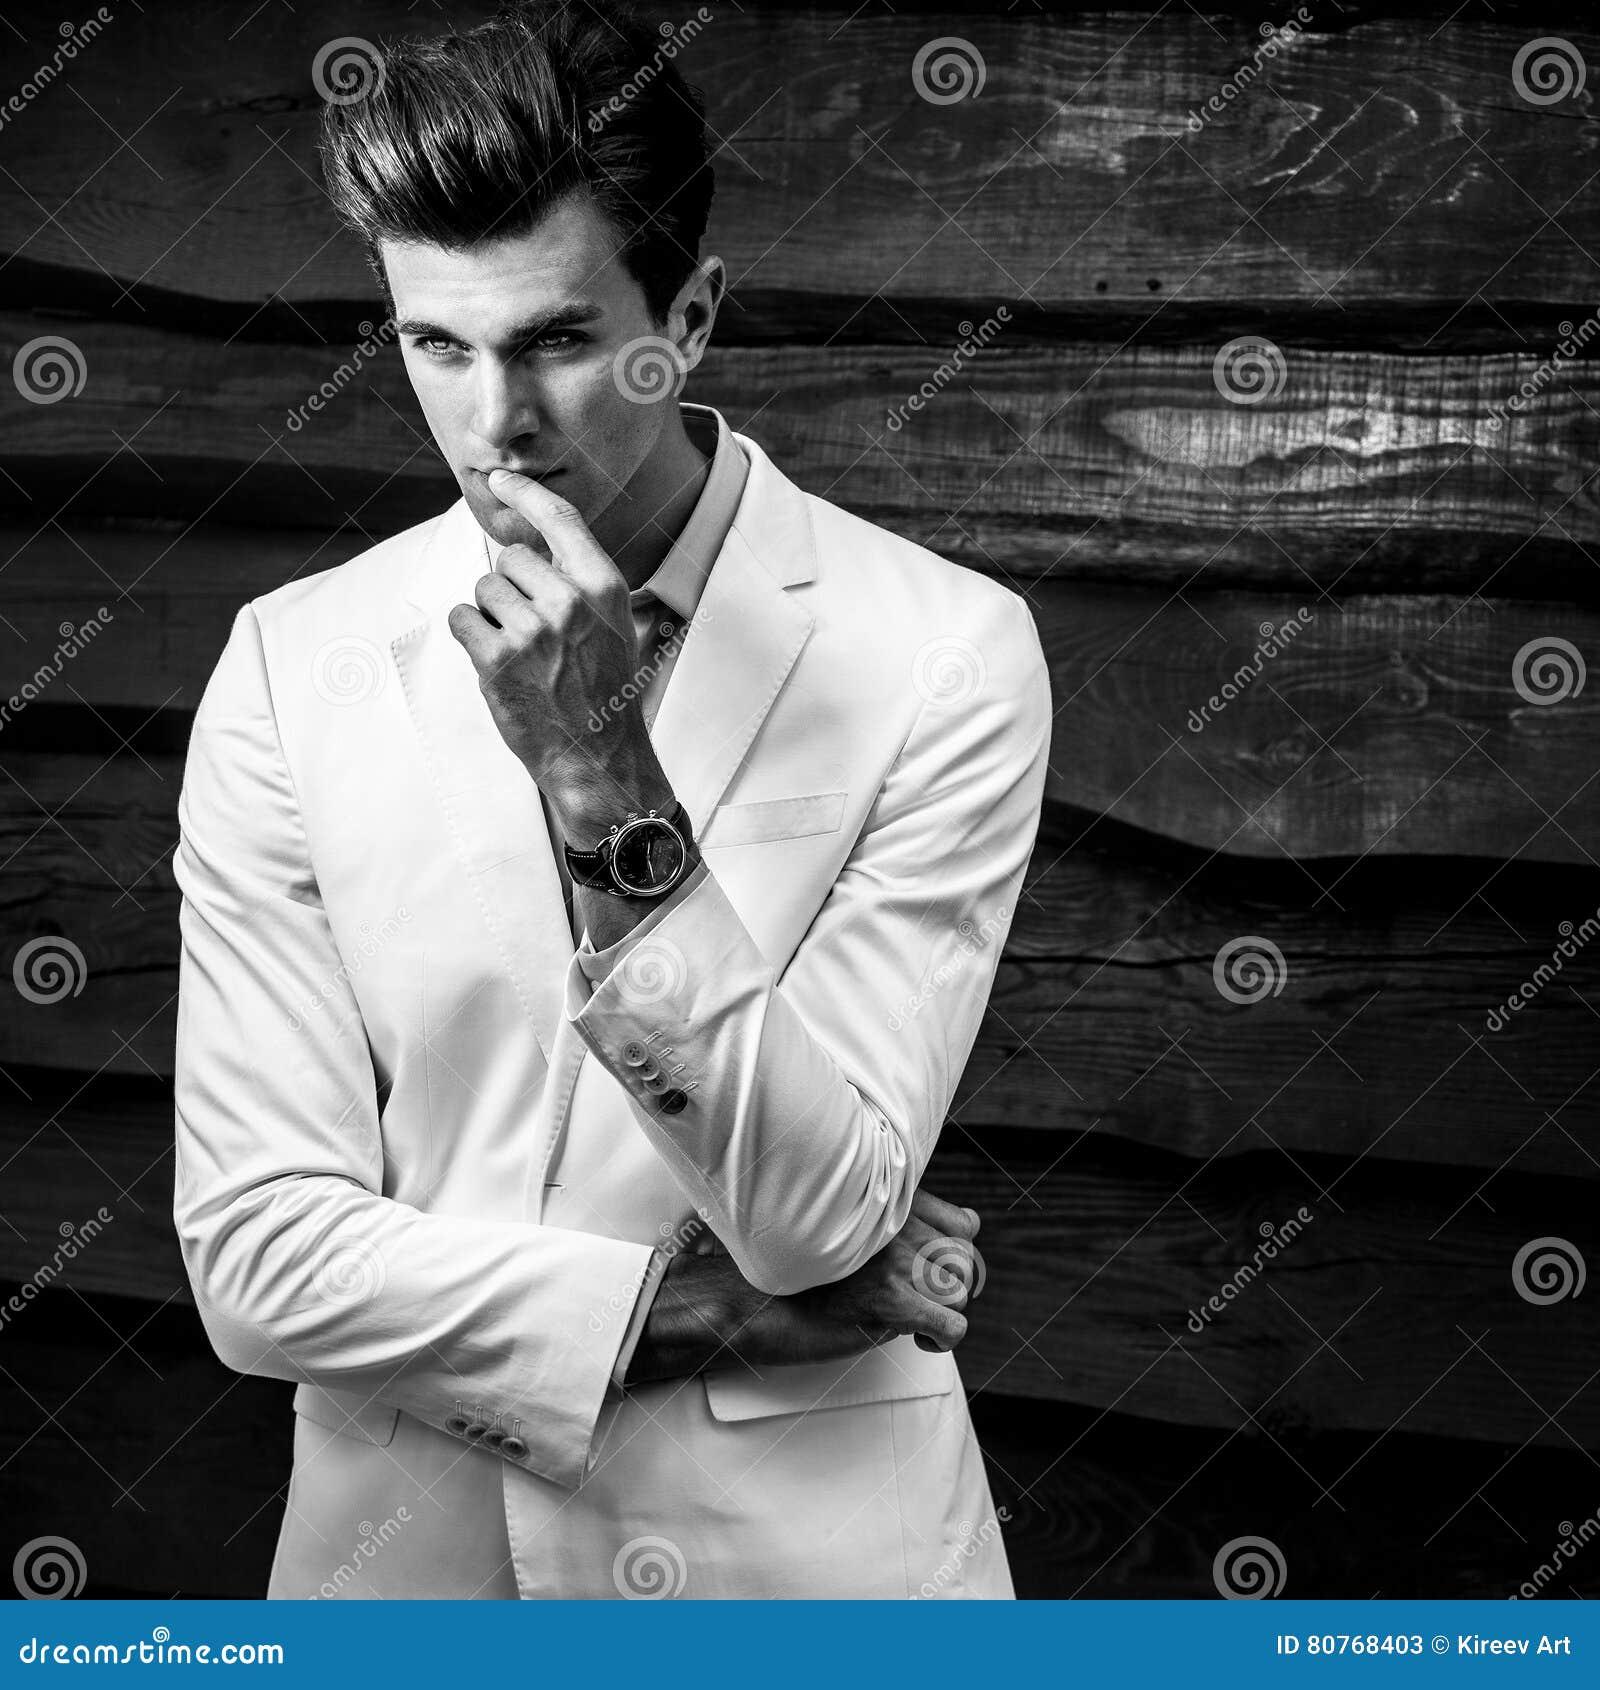 Ritratto bianco Nero di giovane uomo alla moda bello in vestito bianco  contro la parete di ea5f42f2bbb